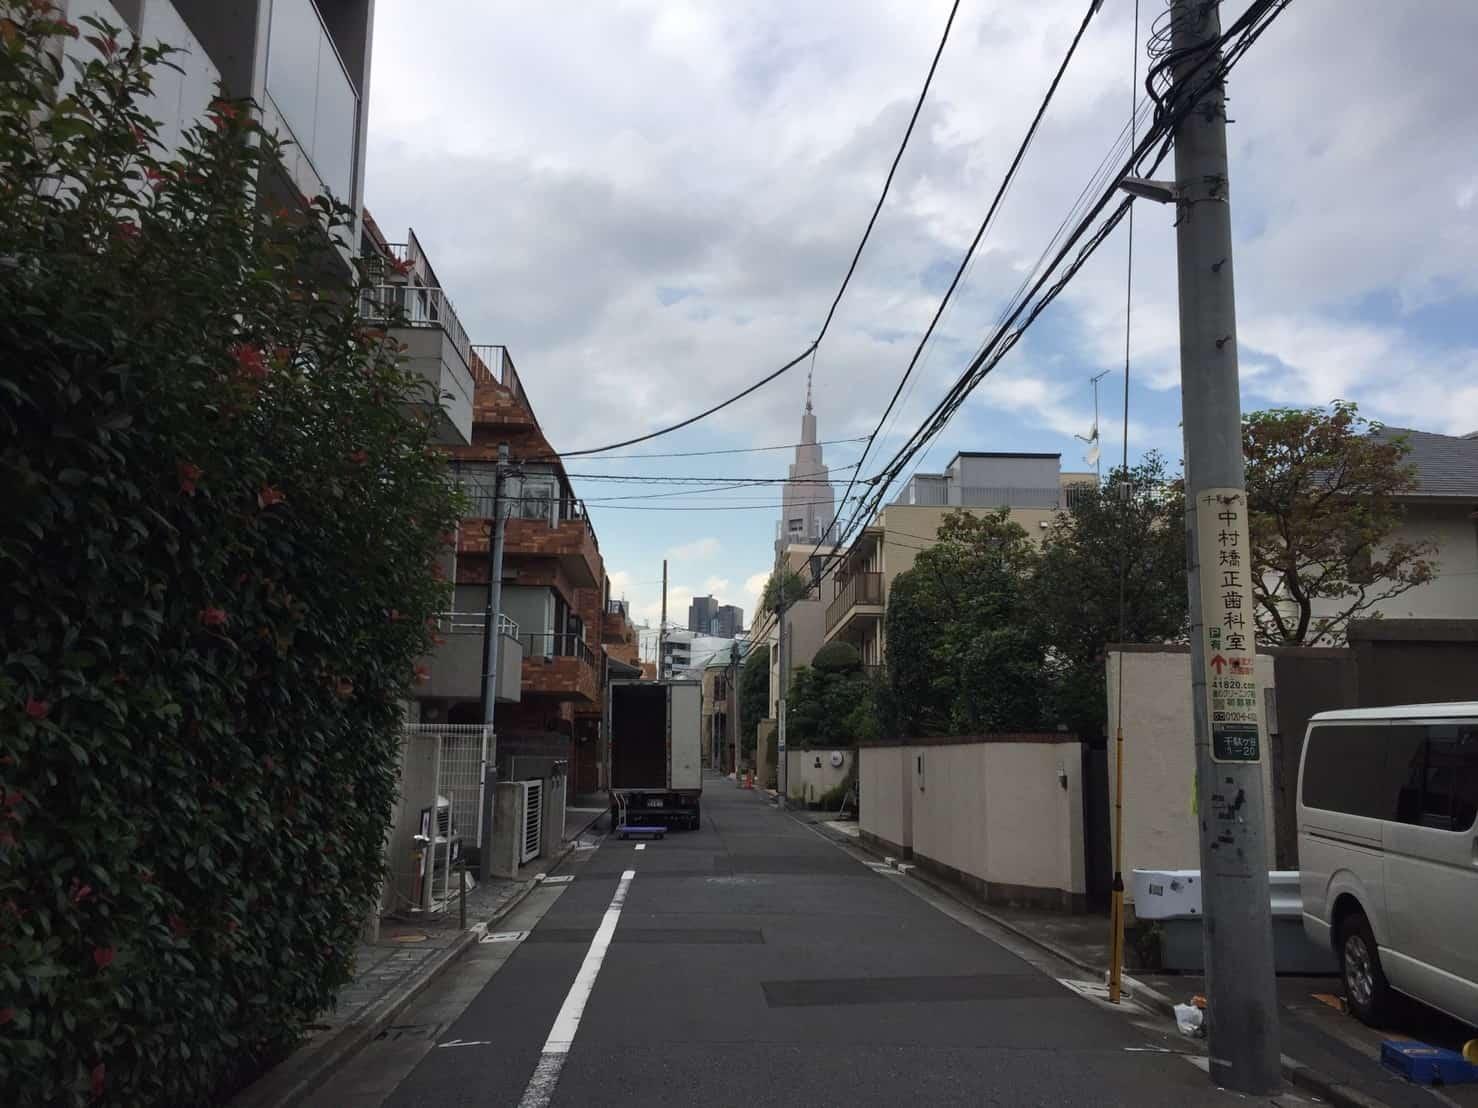 千駄ヶ谷駅 住宅街の狭い裏道